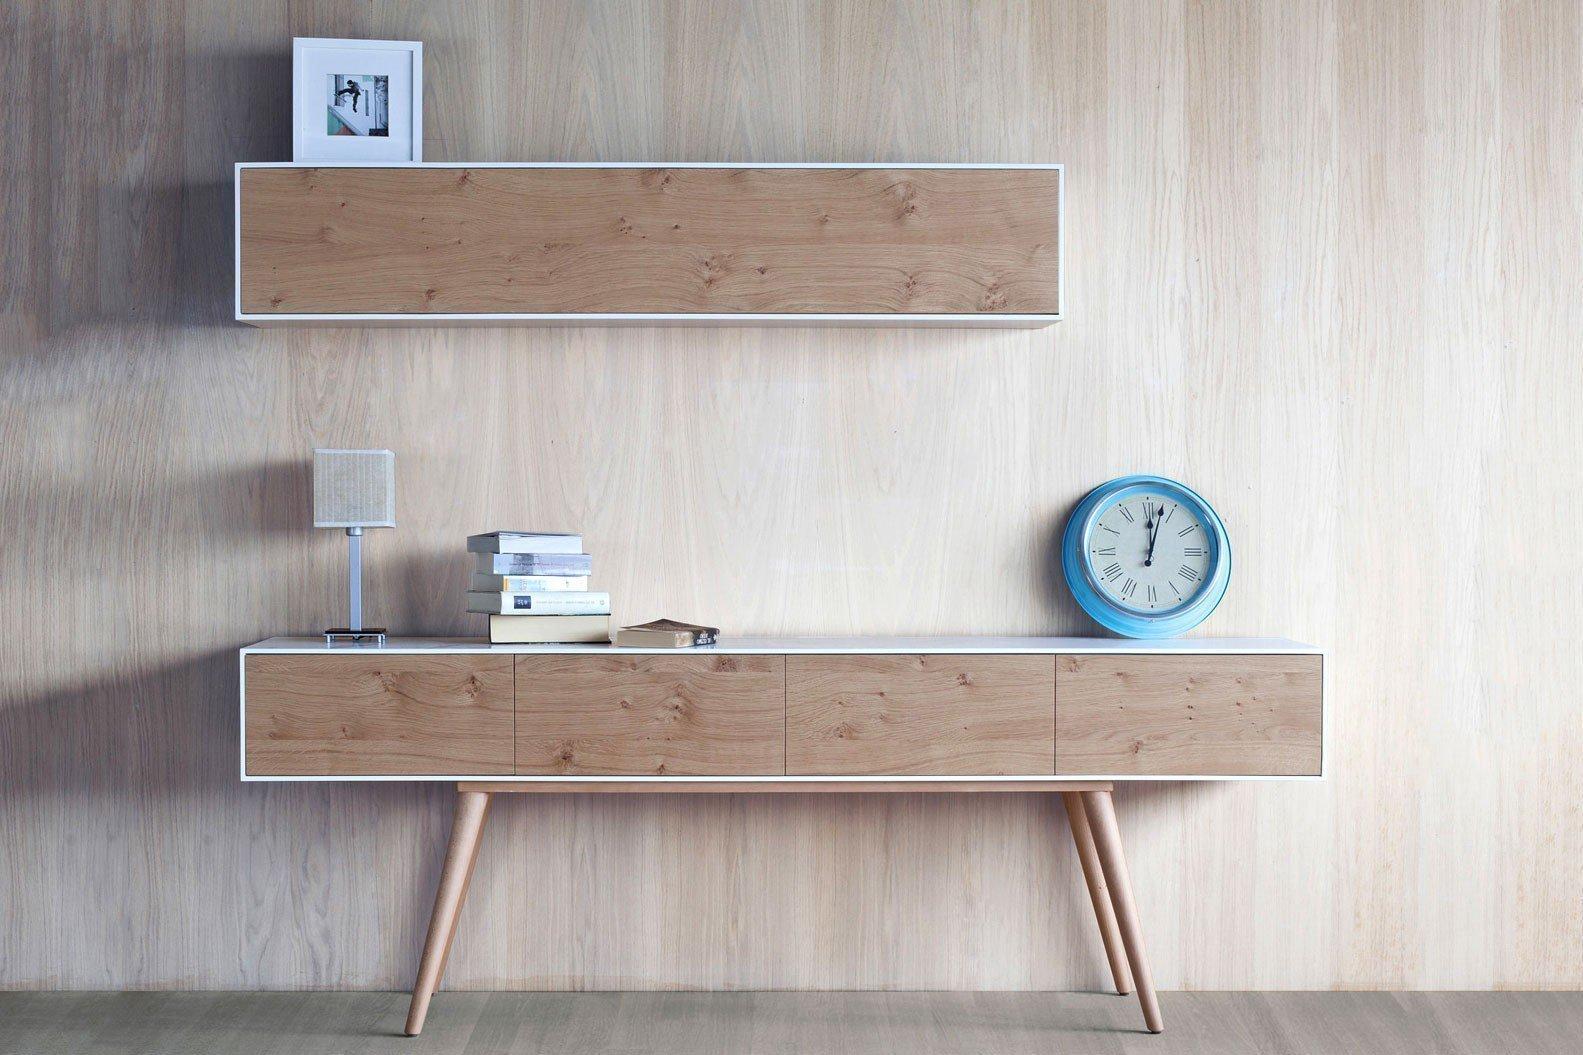 Unglaublich Lowboard Eiche Weiß Sammlung Von Helsinki Von Kanem Kollektion Nordica - Eiche/